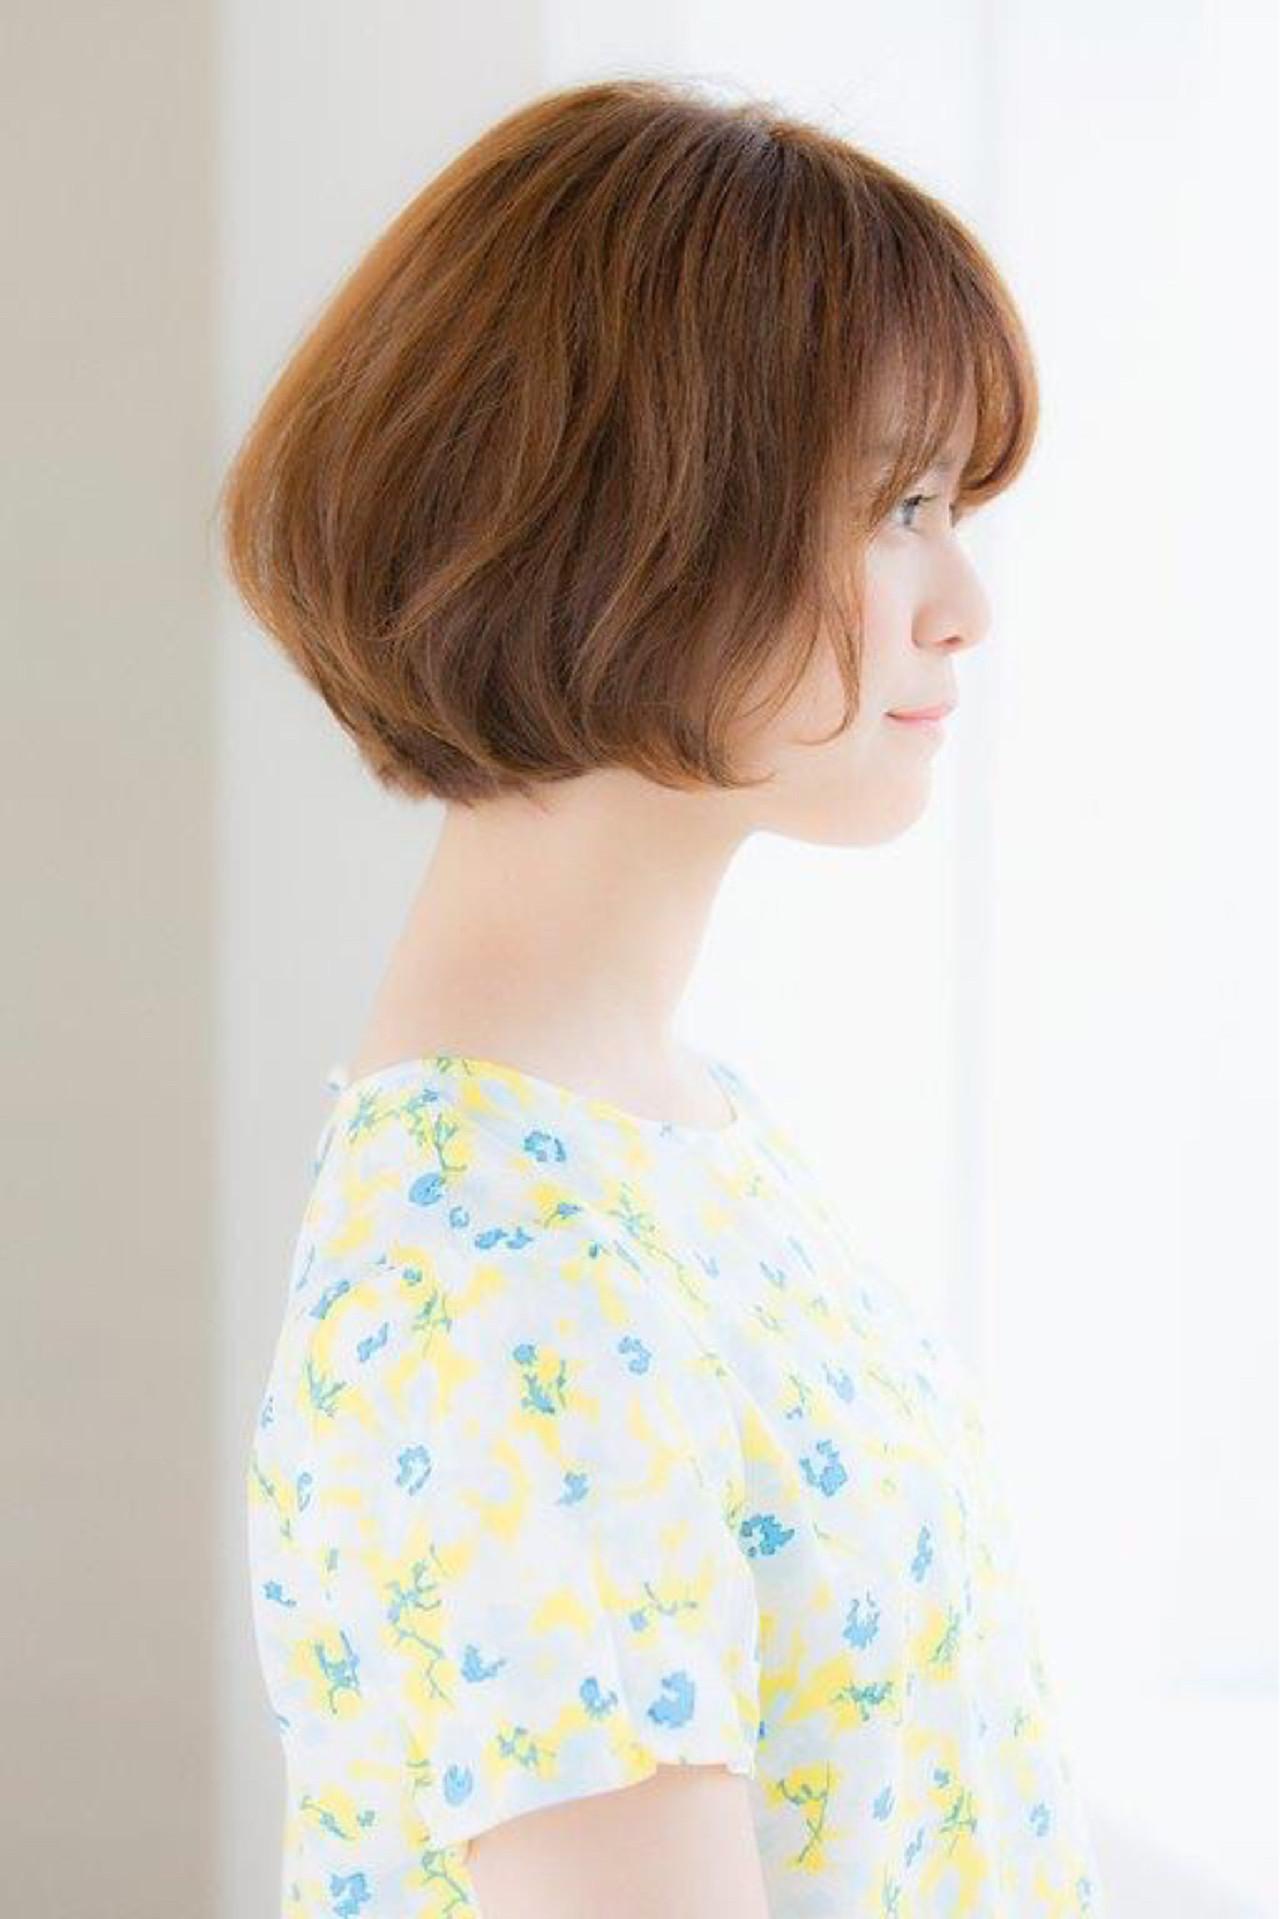 オフィス アウトドア ロブ デート ヘアスタイルや髪型の写真・画像 | 松下哲史 / Ramie omotesando